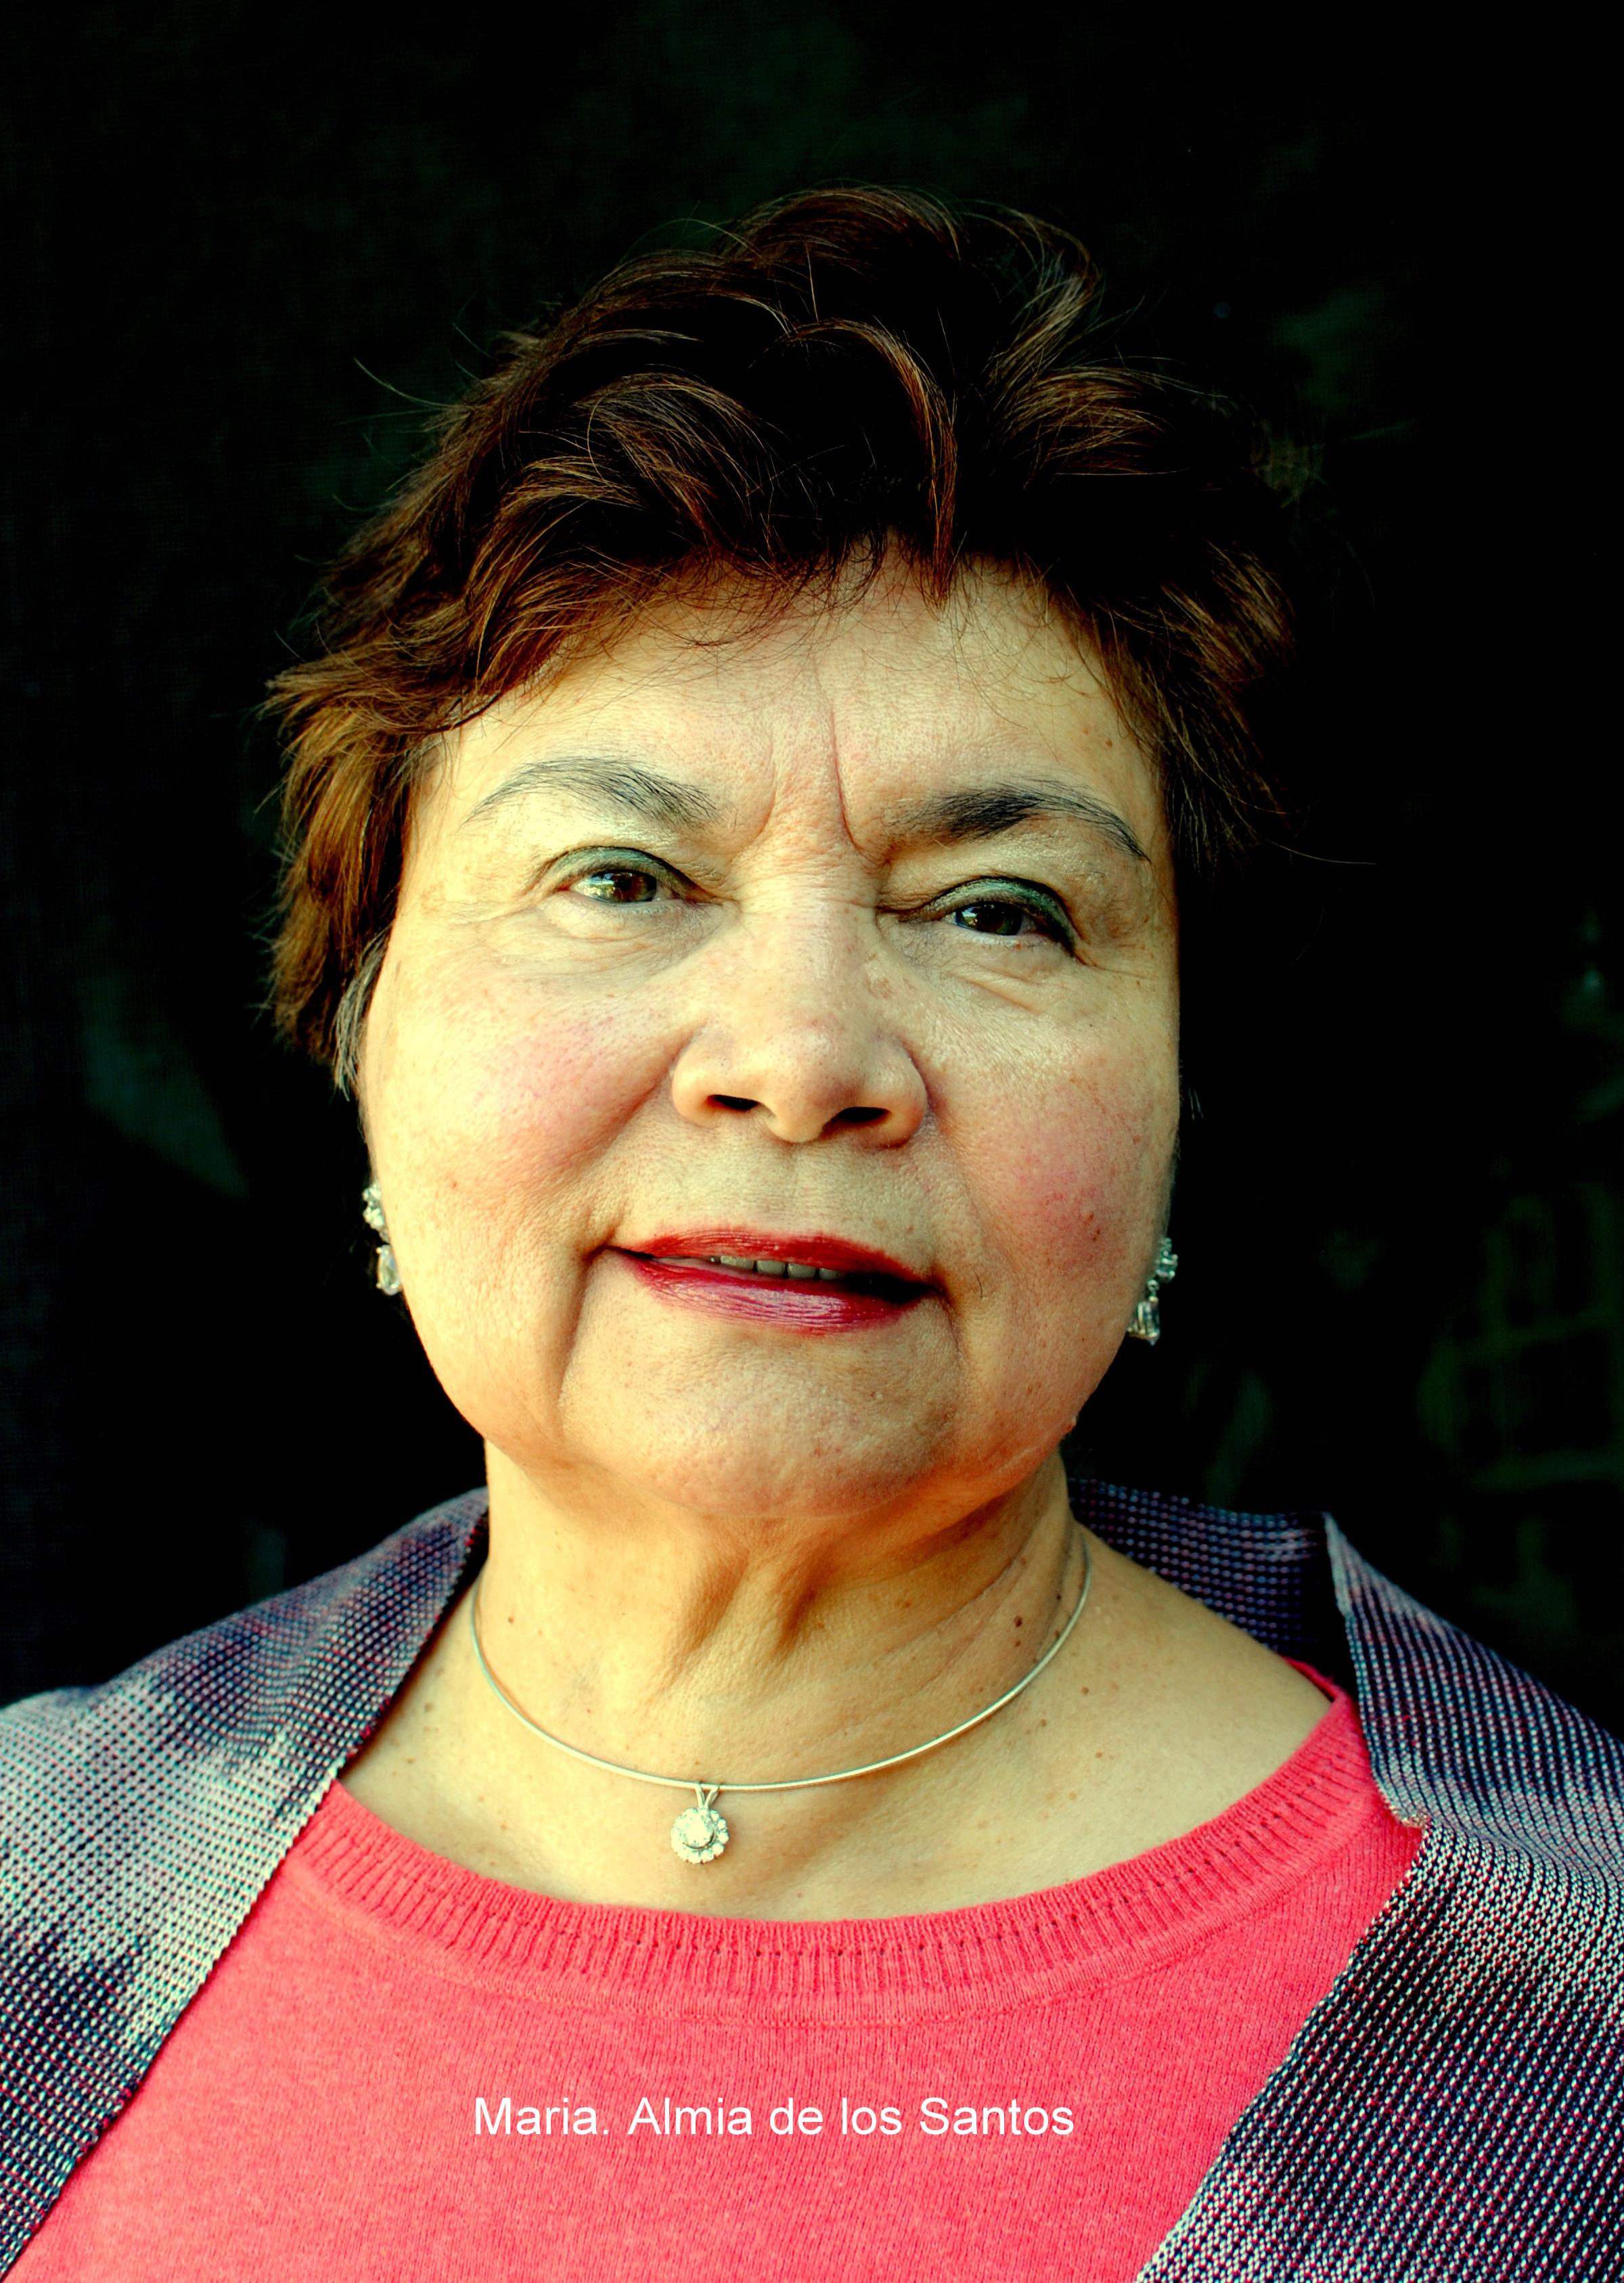 Maria Almia de los Santos.jpg